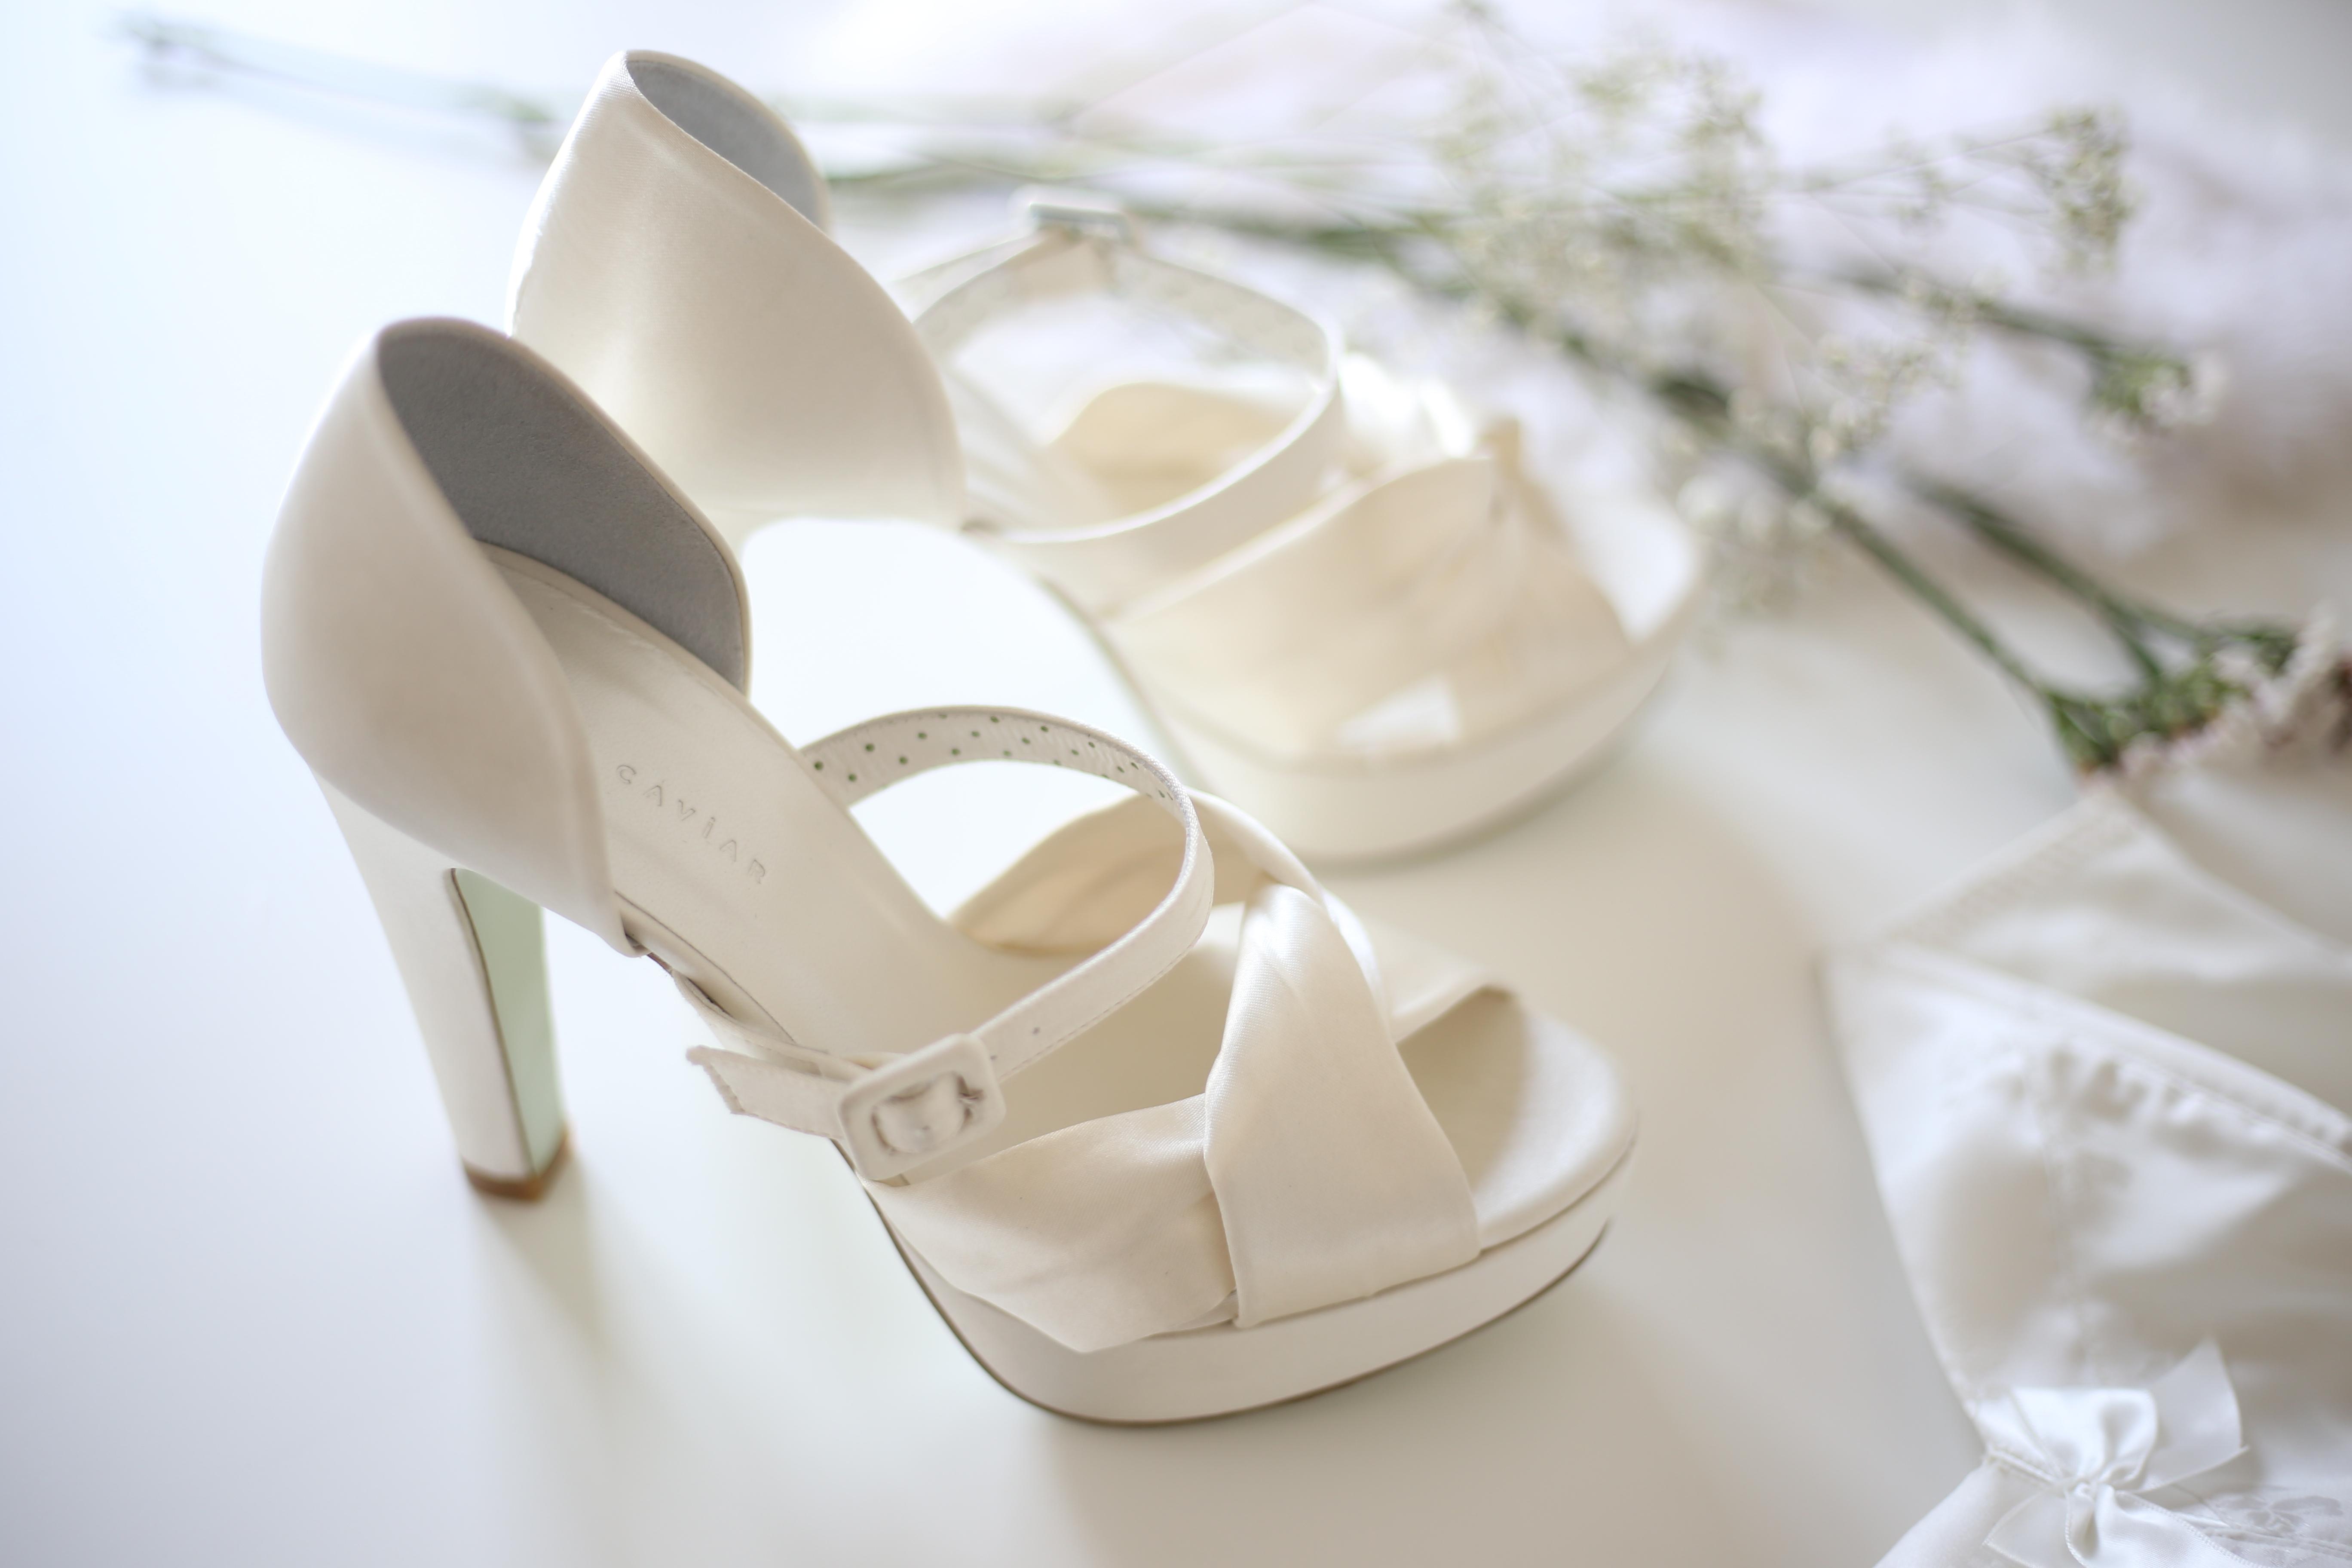 Passion 4 - Sapatos de noiva personalizados